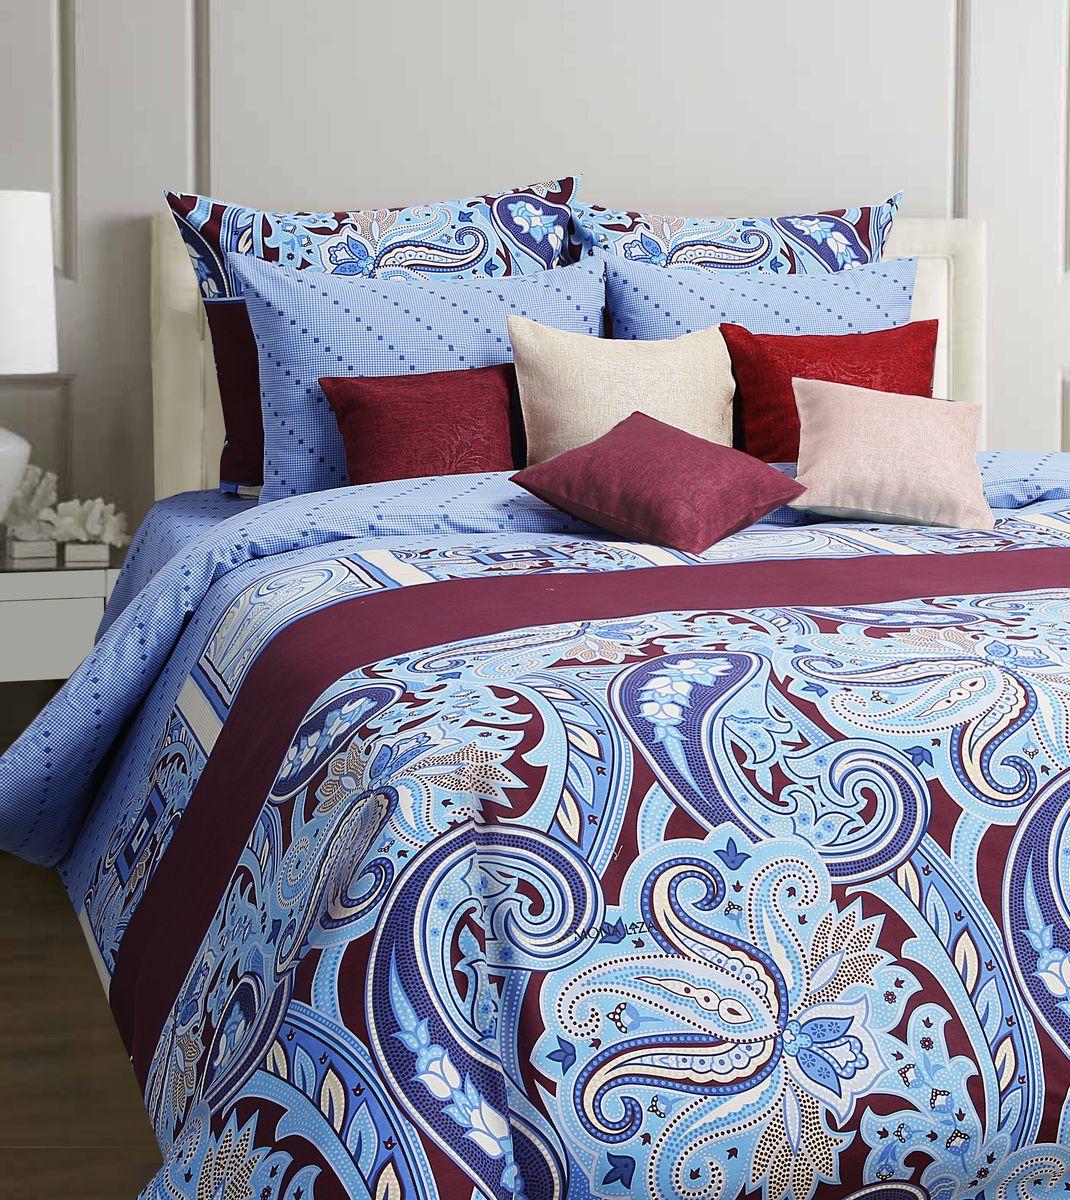 Комплект белья Mona Liza Bolero, 1,5-спальное, наволочки 70x70, цвет: синий551114/04Коллекция постельного белья MONA LIZA Classic поражает многообразием дизайнов. Среди них легко подобрать необходимый рисунок, который создаст в доме уют. Комплекты выполнены из бязи 100 % хлопка.